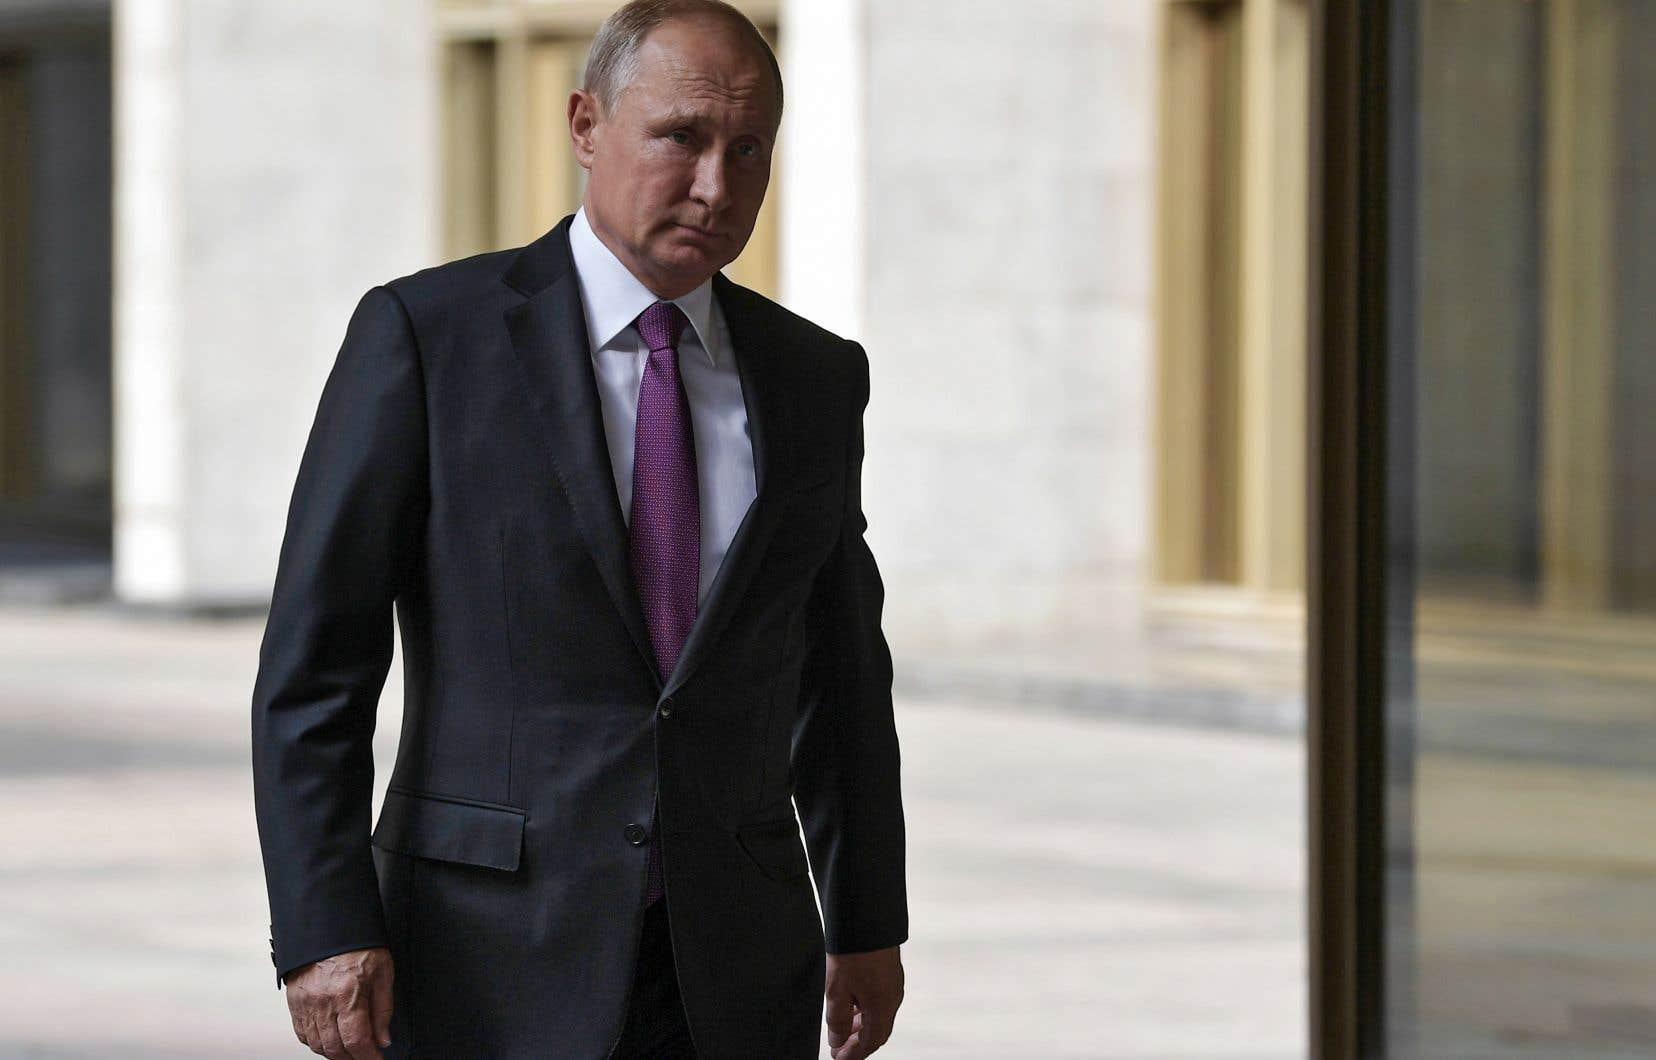 Depuis sa dernière réélection en 2018, les spéculations vont bon train quant aux intentions de M.Poutine au-delà de 2024.